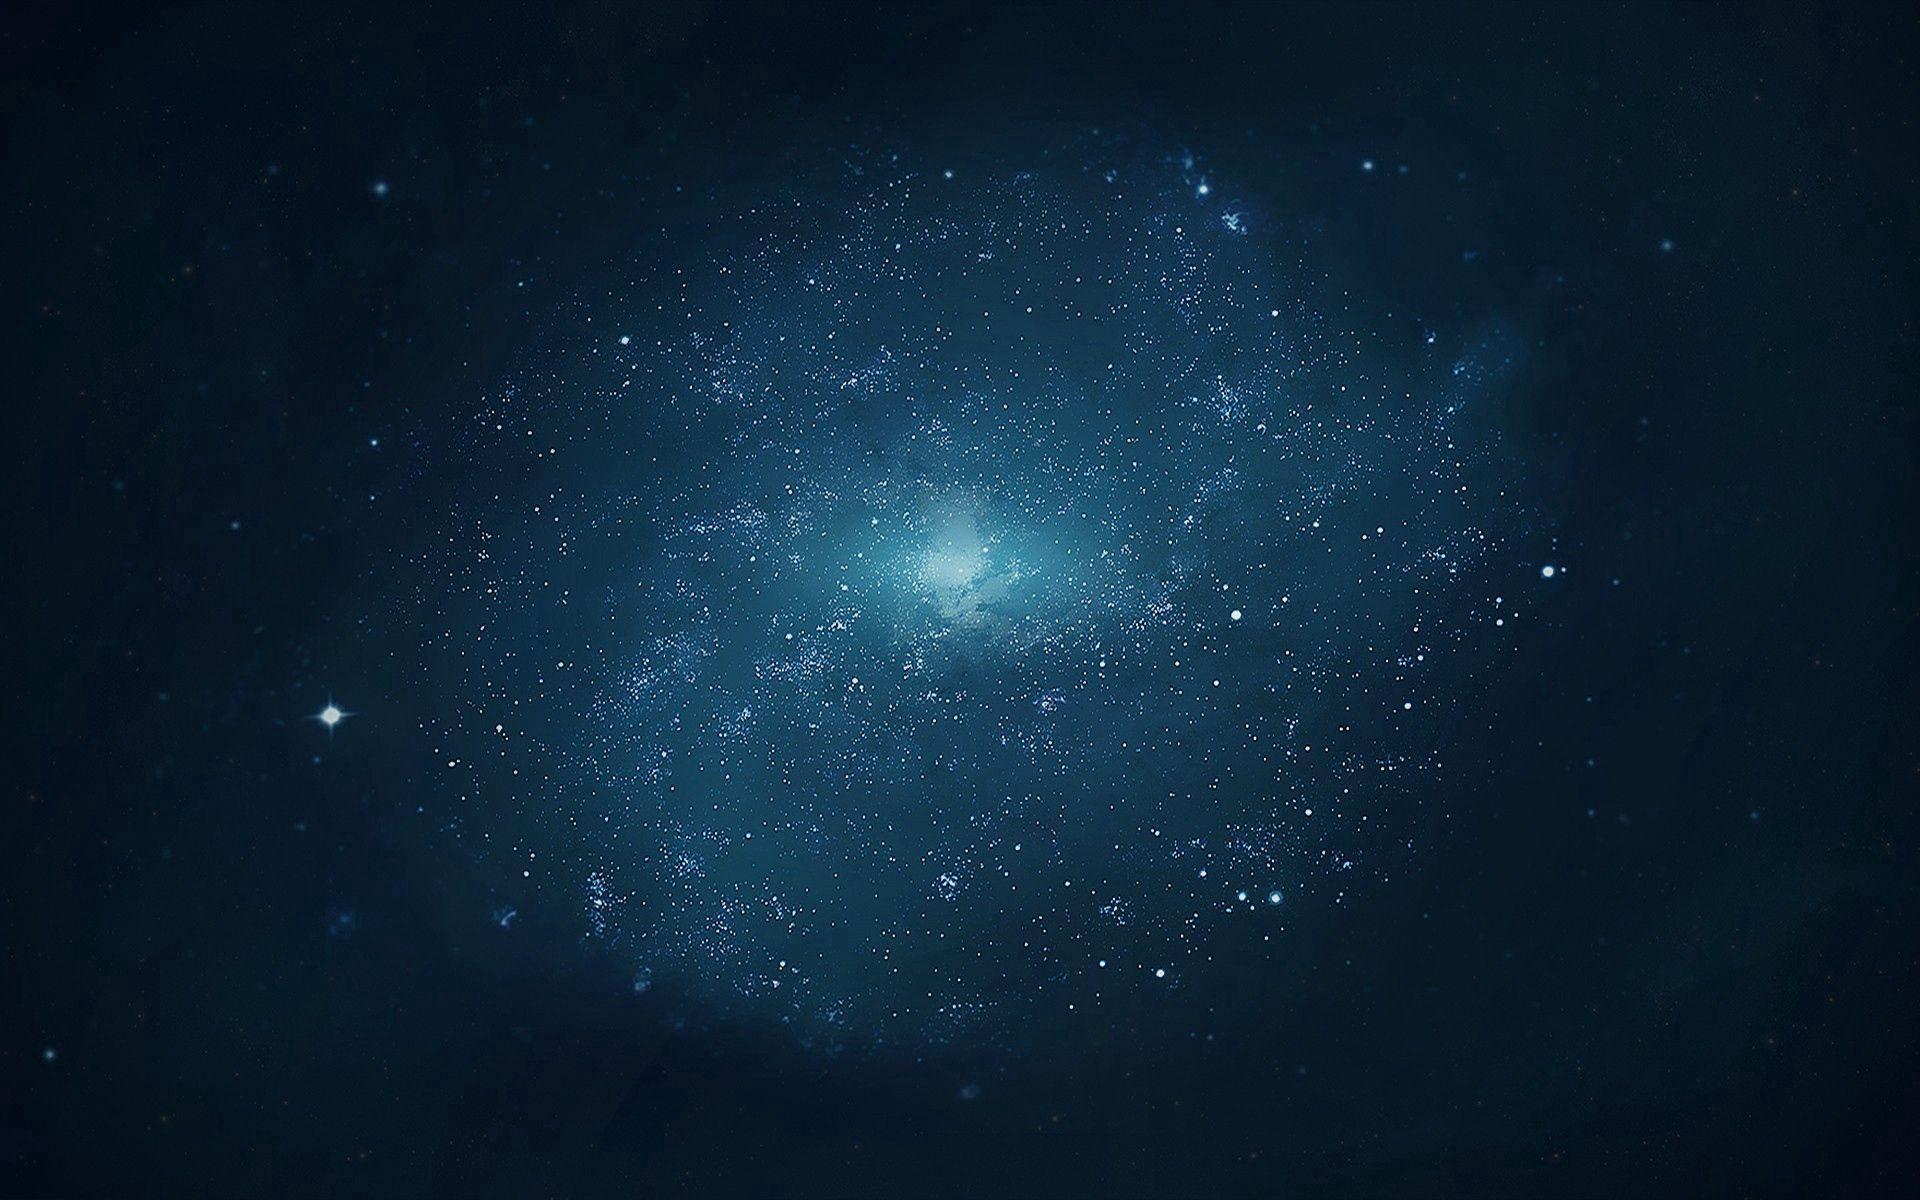 70294 Hintergrundbild herunterladen Hintergrund, Abstrakt, Sky, Sterne, Punkte, Punkt - Bildschirmschoner und Bilder kostenlos